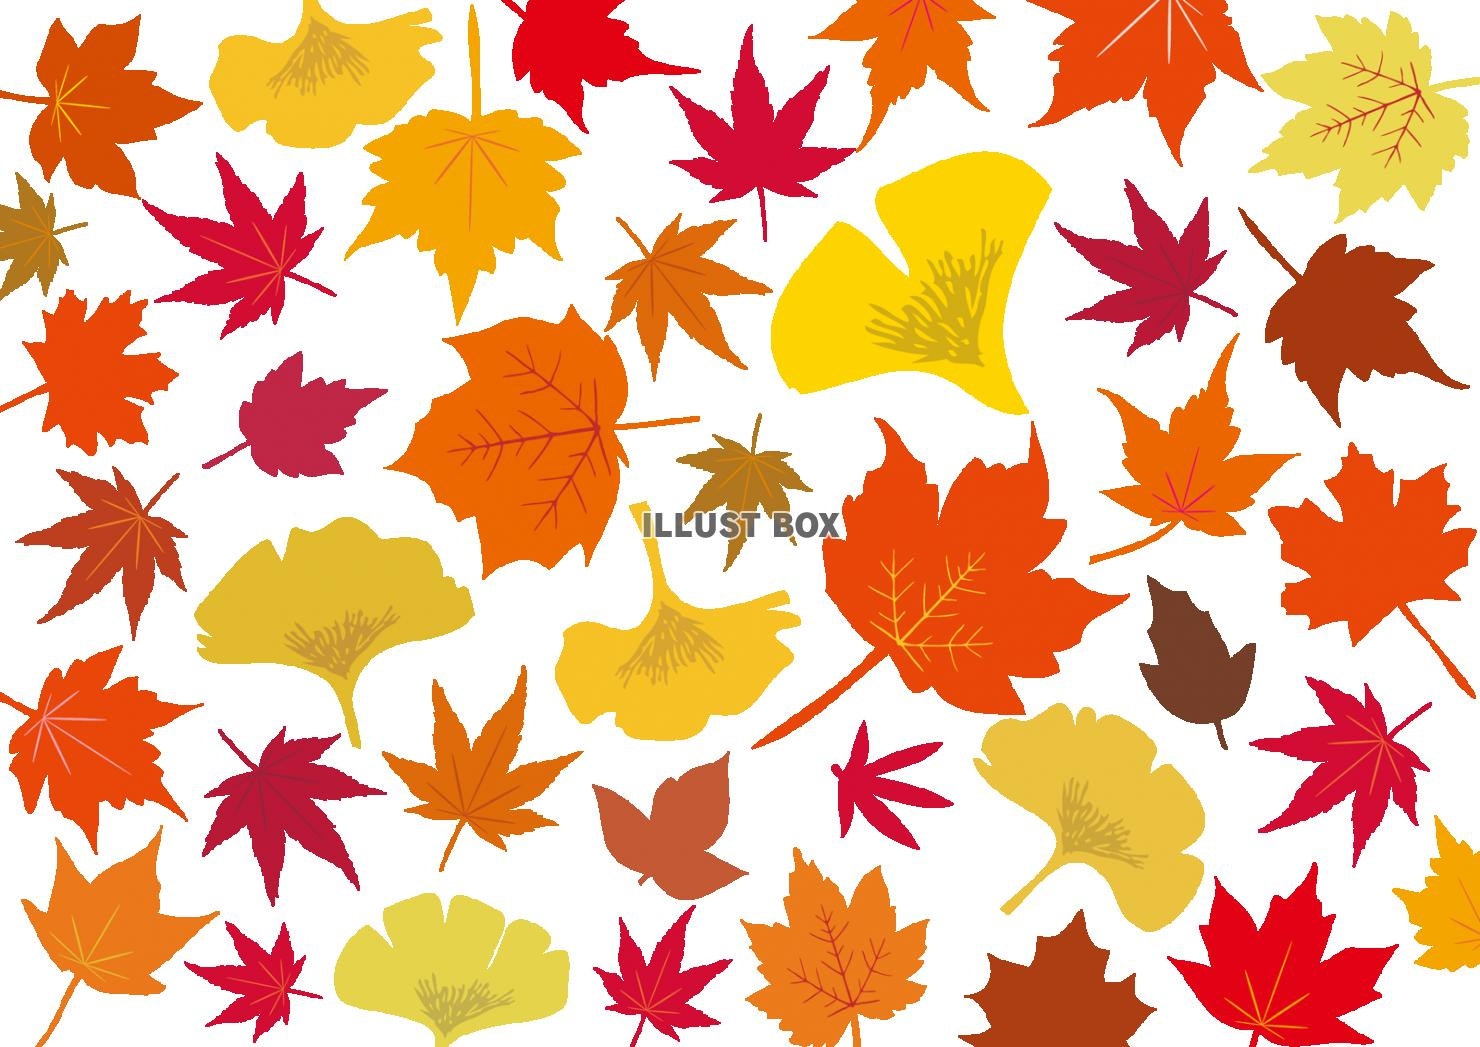 無料イラスト 秋冬紅葉もみじ銀杏10月モミジ11月イチョウ壁紙いちょう楓赤